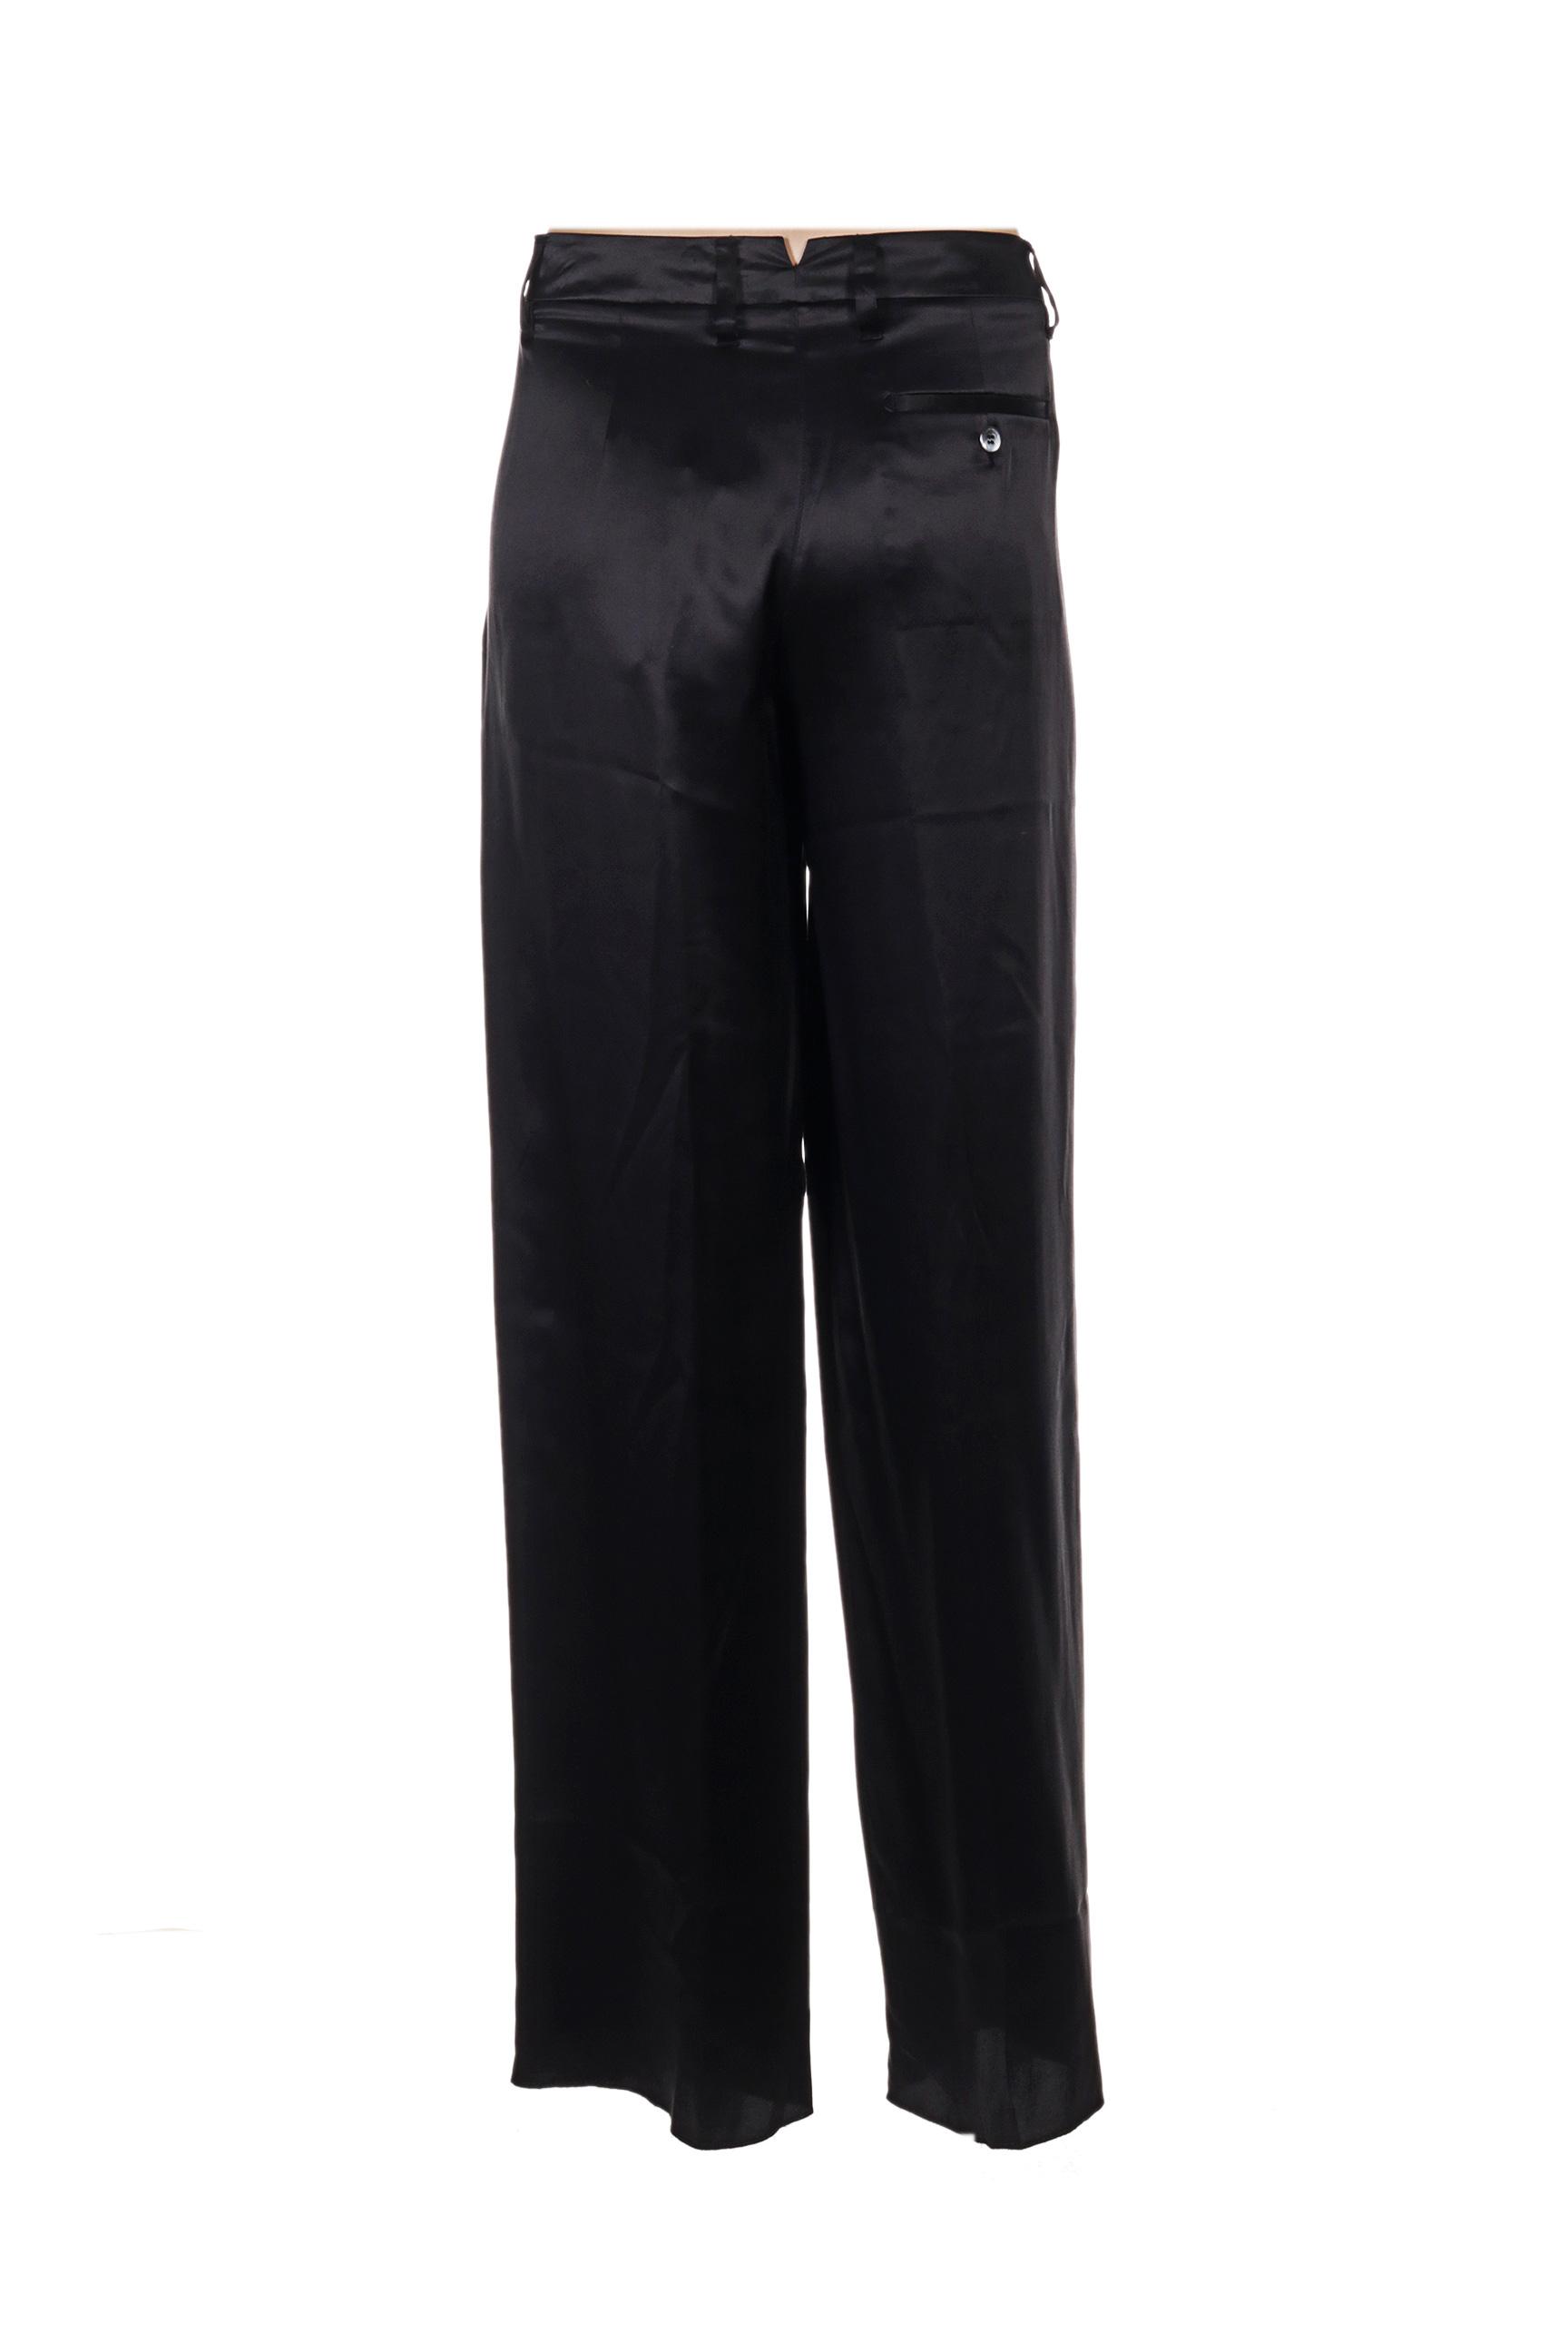 Maxmara Pantalons Citadins Femme De Couleur Noir En Soldes Pas Cher 1276083-noir00